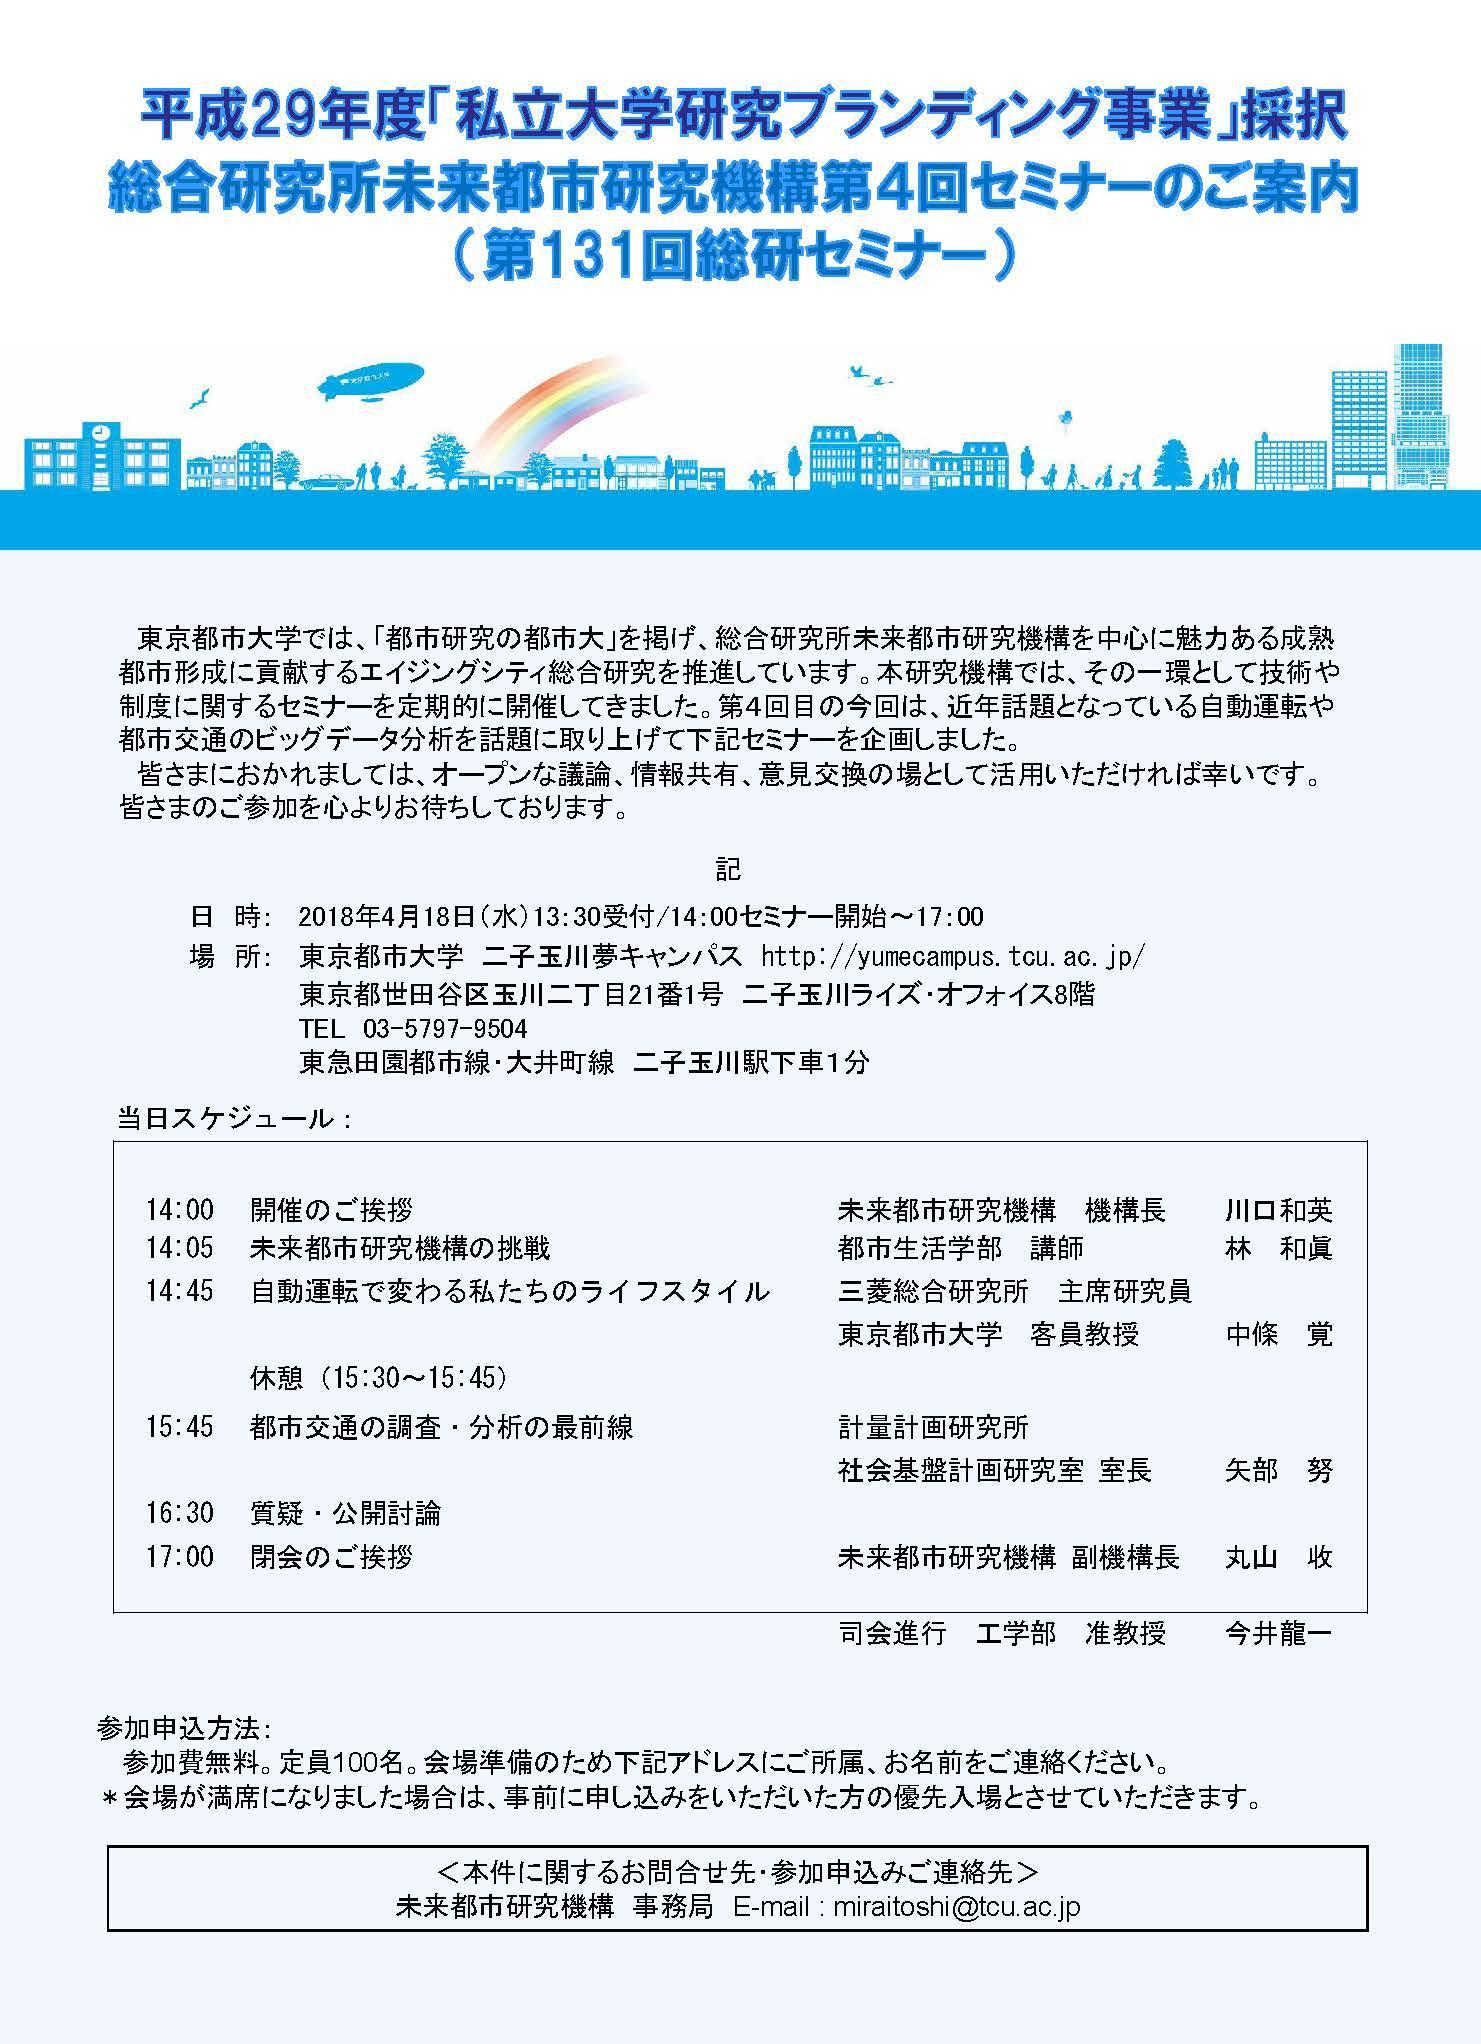 東京都市大学 総合研究所が4月18日に「未来都市研究機構第4回セミナー」を開催 -- 自動運転や都市交通に関する講演をメインに